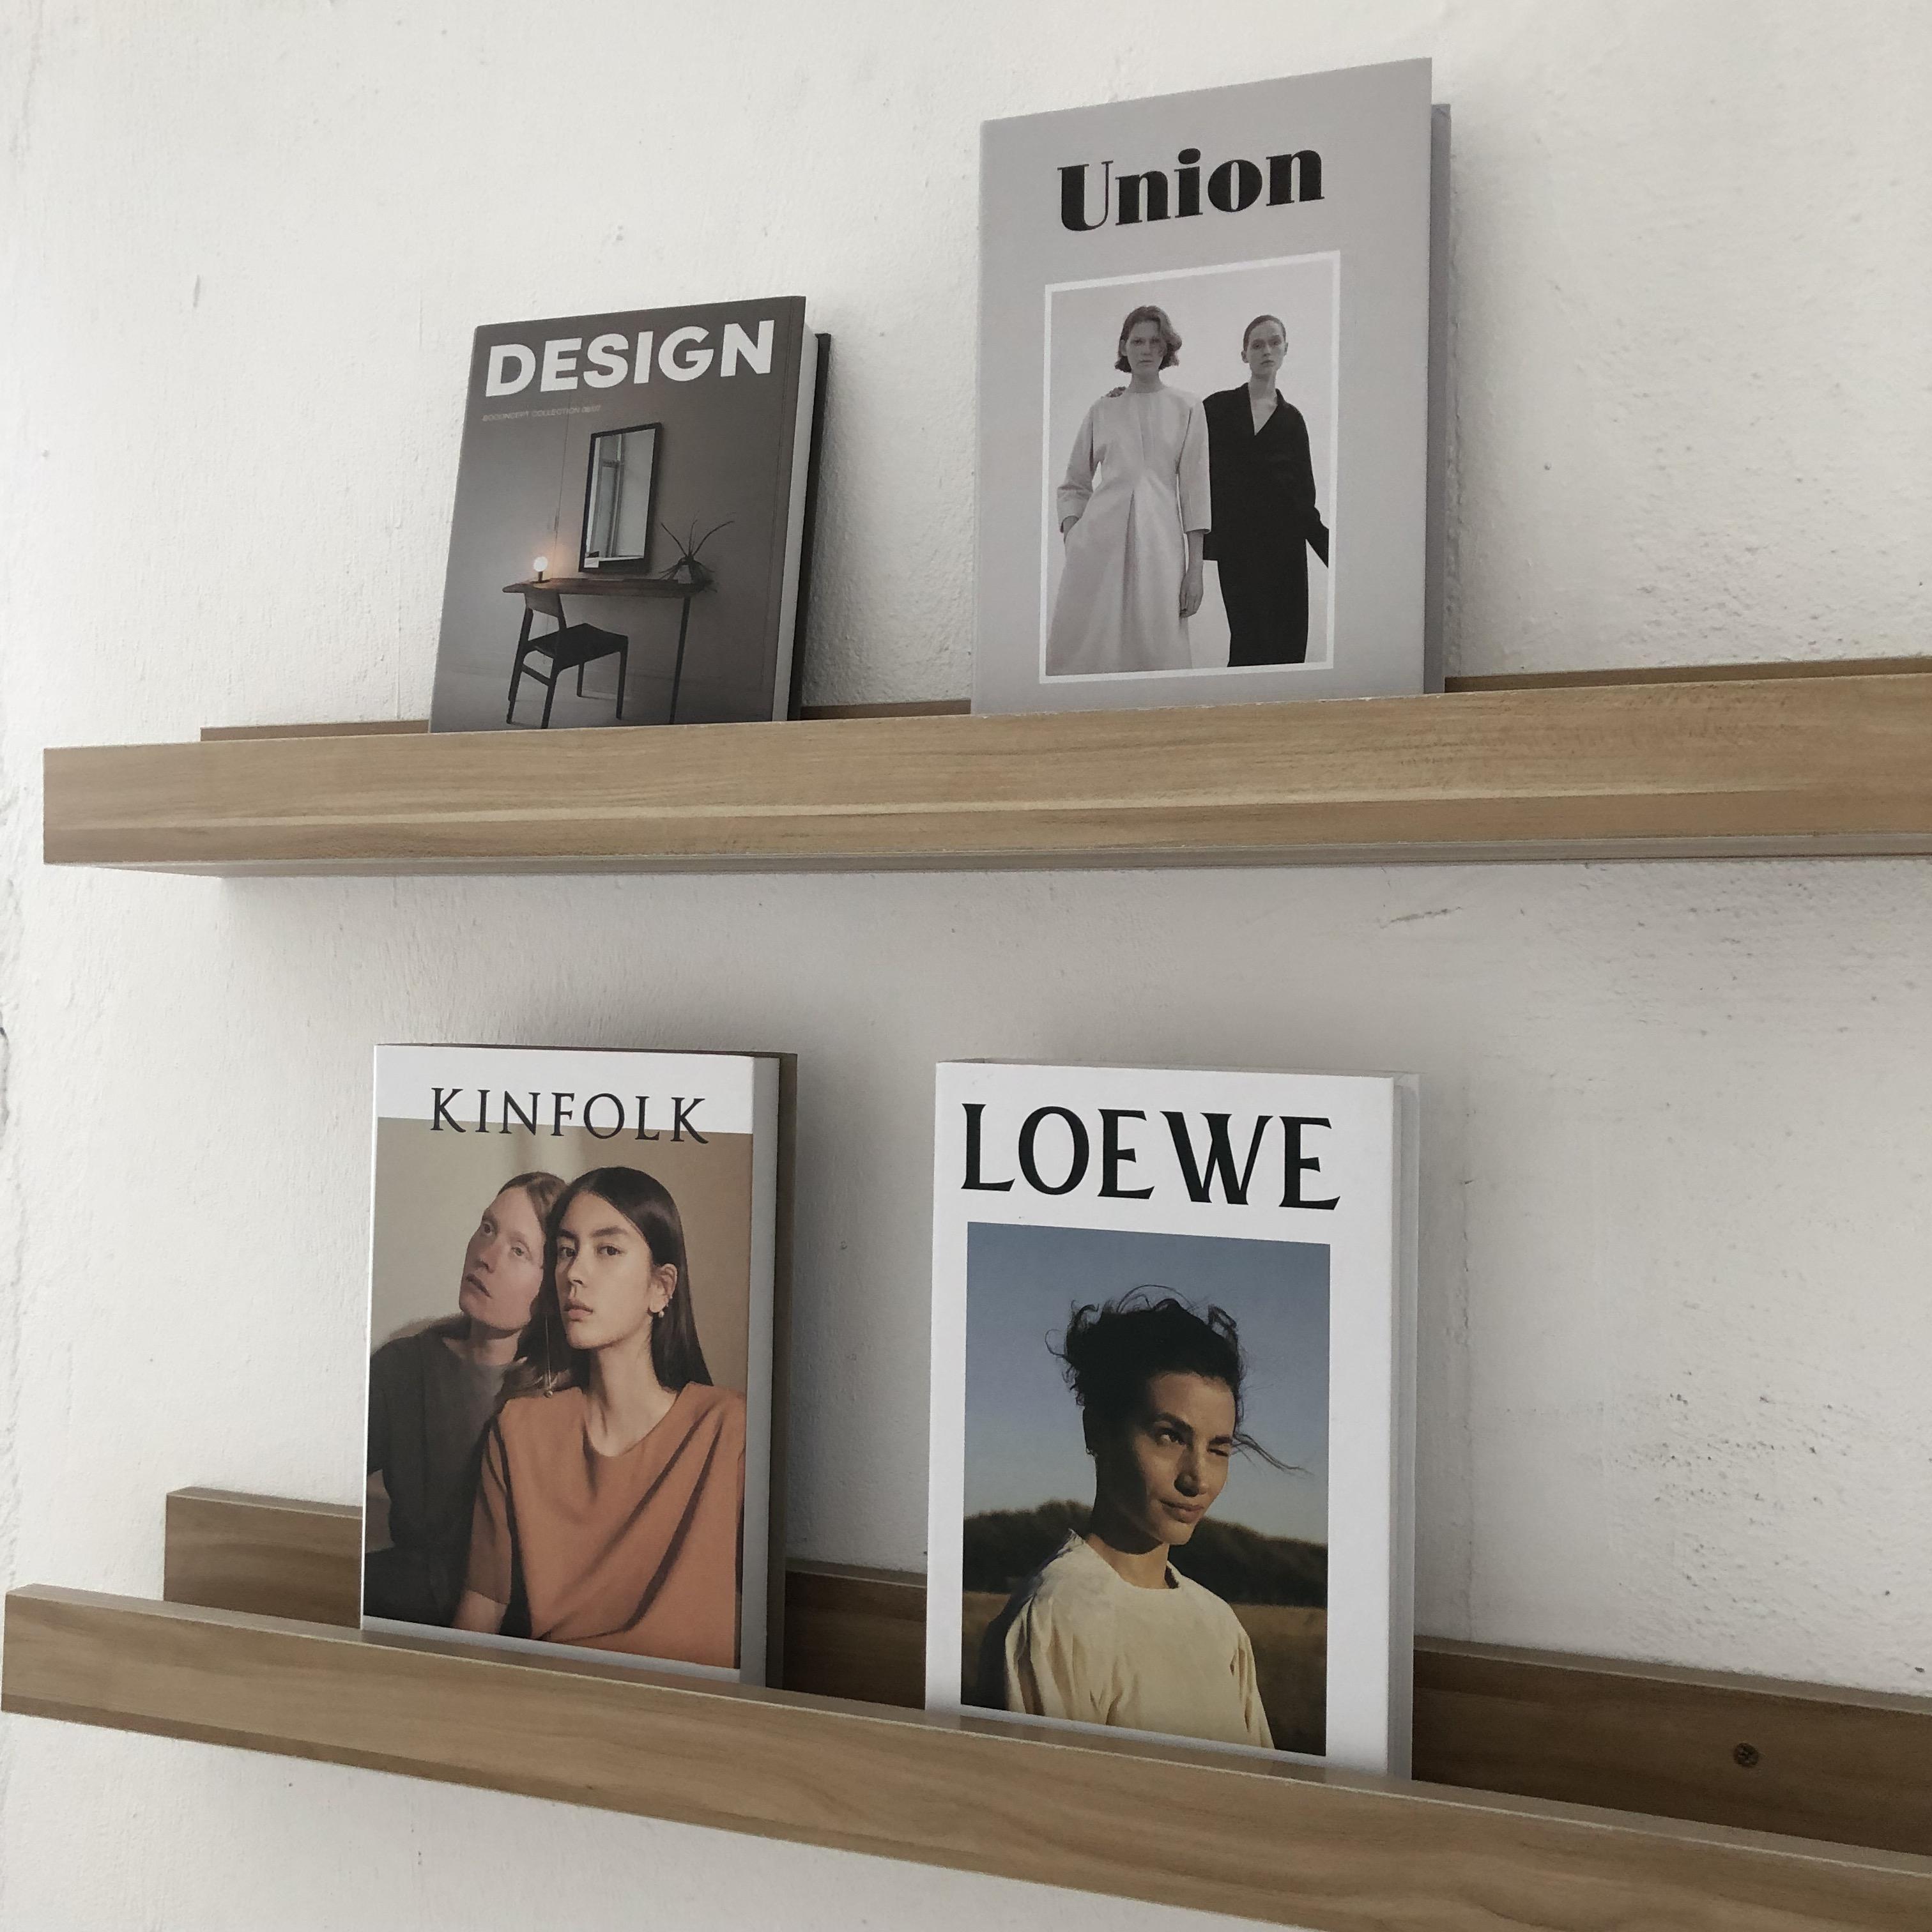 北欧仿真假书道具ins极简风房间装饰客厅家居饰品杂志风拍照摆件